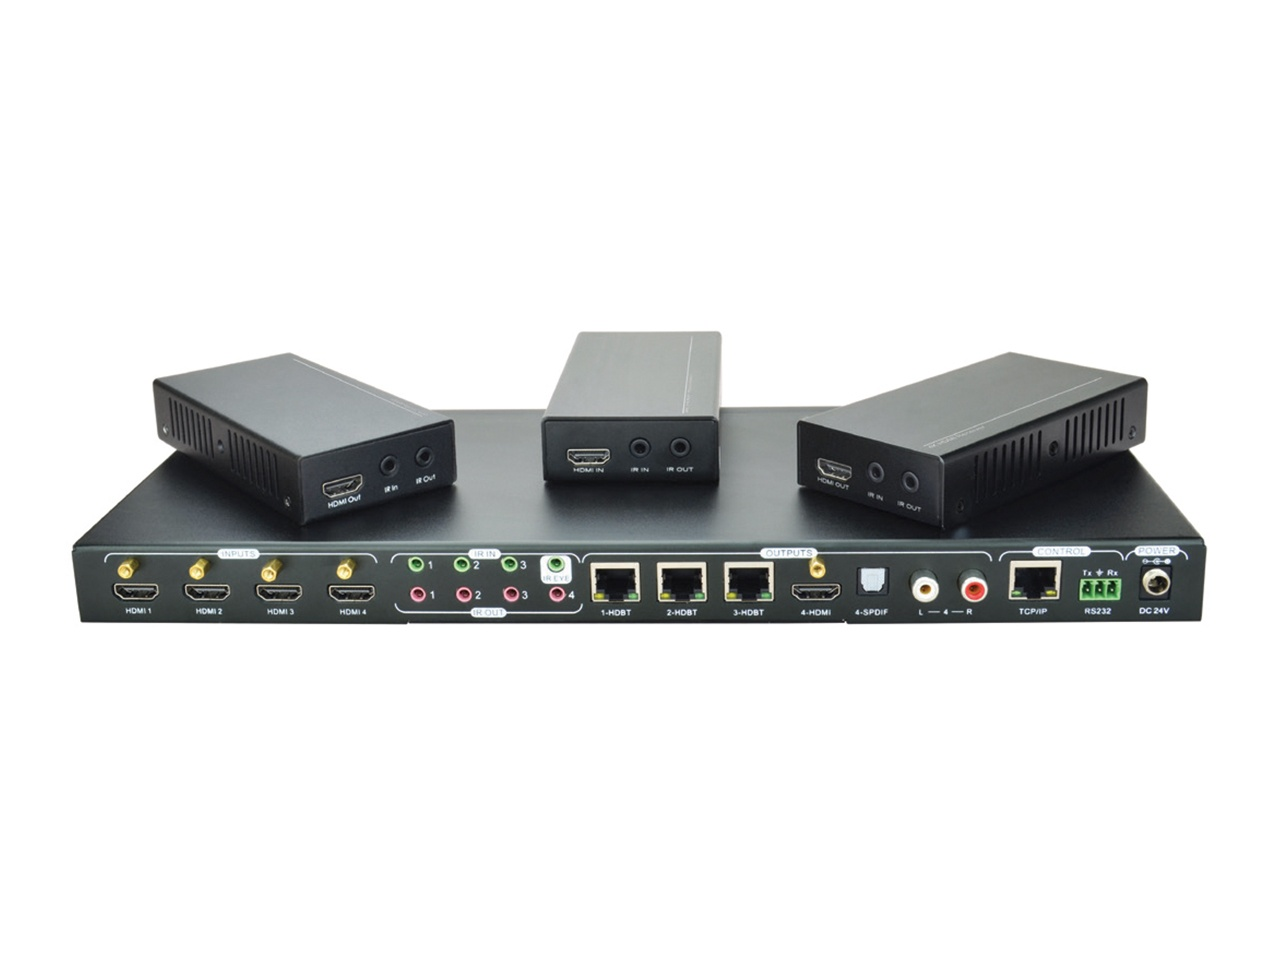 Disztributor HDBaseT 4K VL120020 1 Vizuáltechnika bolt